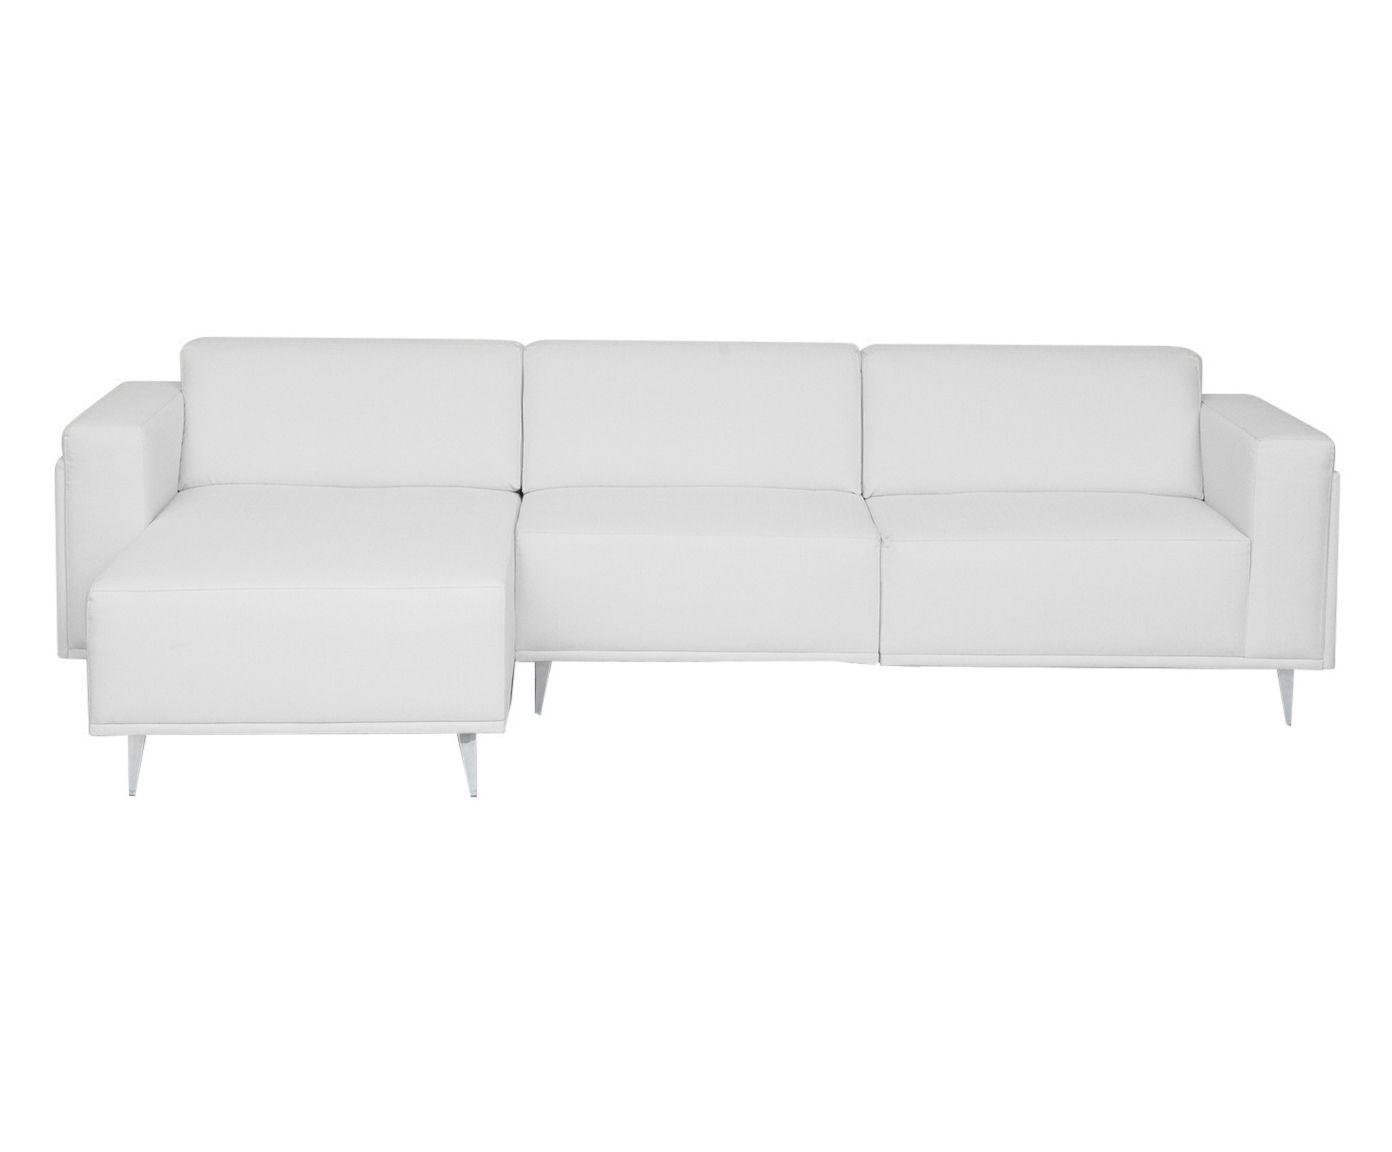 Sofá Modular em Linho com Chaise Direita Antonio Cotton Cru - 280X79X85cm | Westwing.com.br